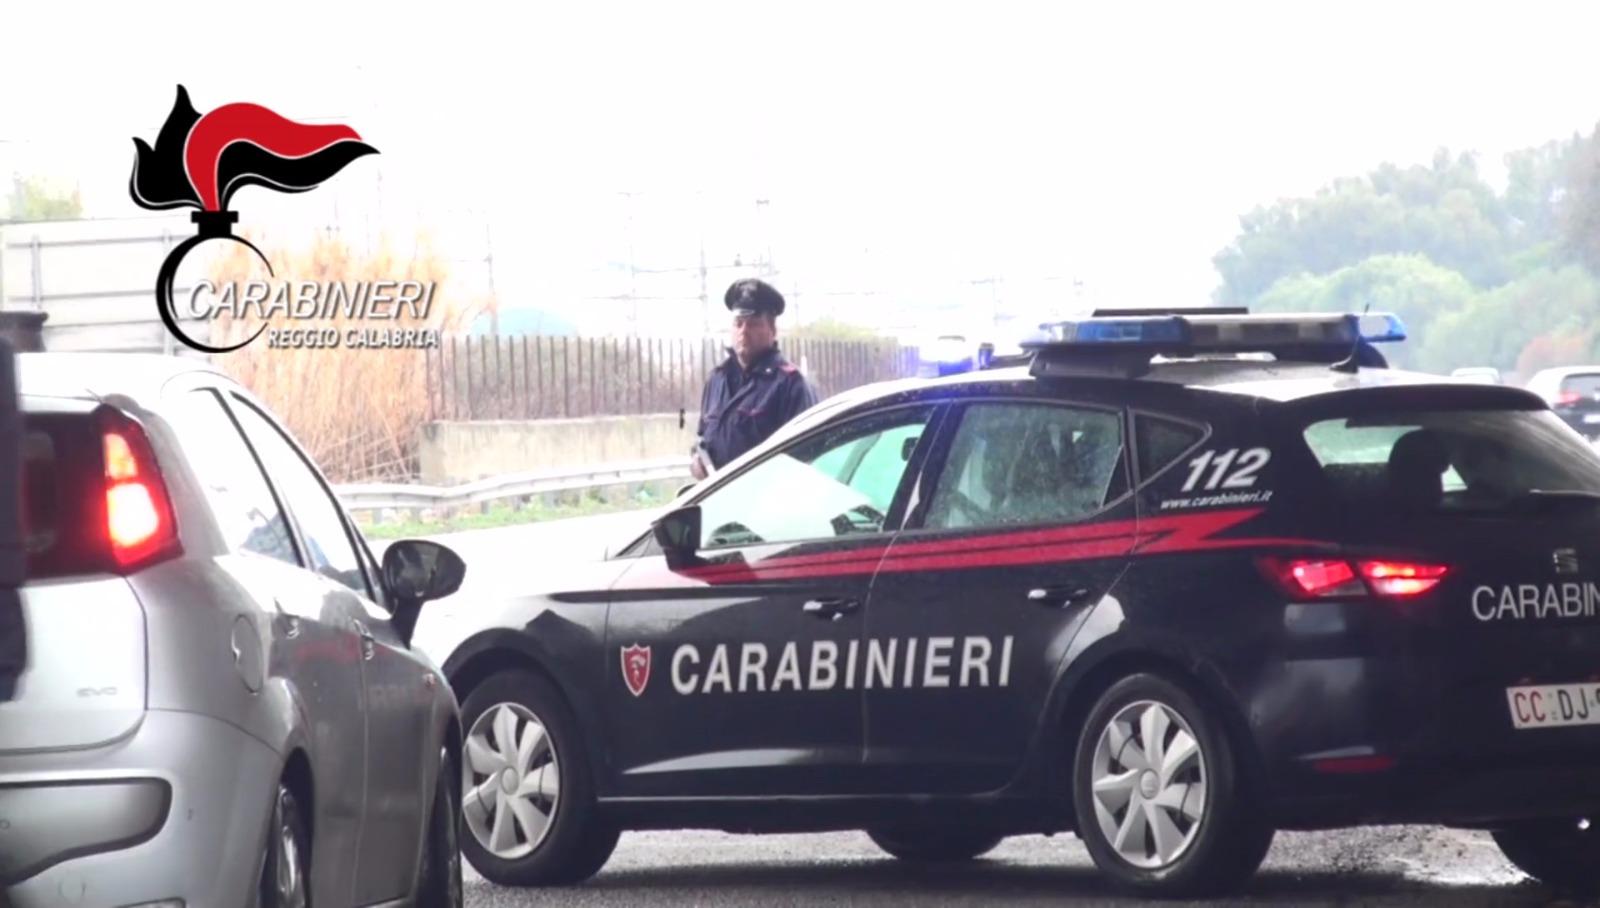 Riciclavano automobili, arrestate tre persone in provincia di Reggio Calabria